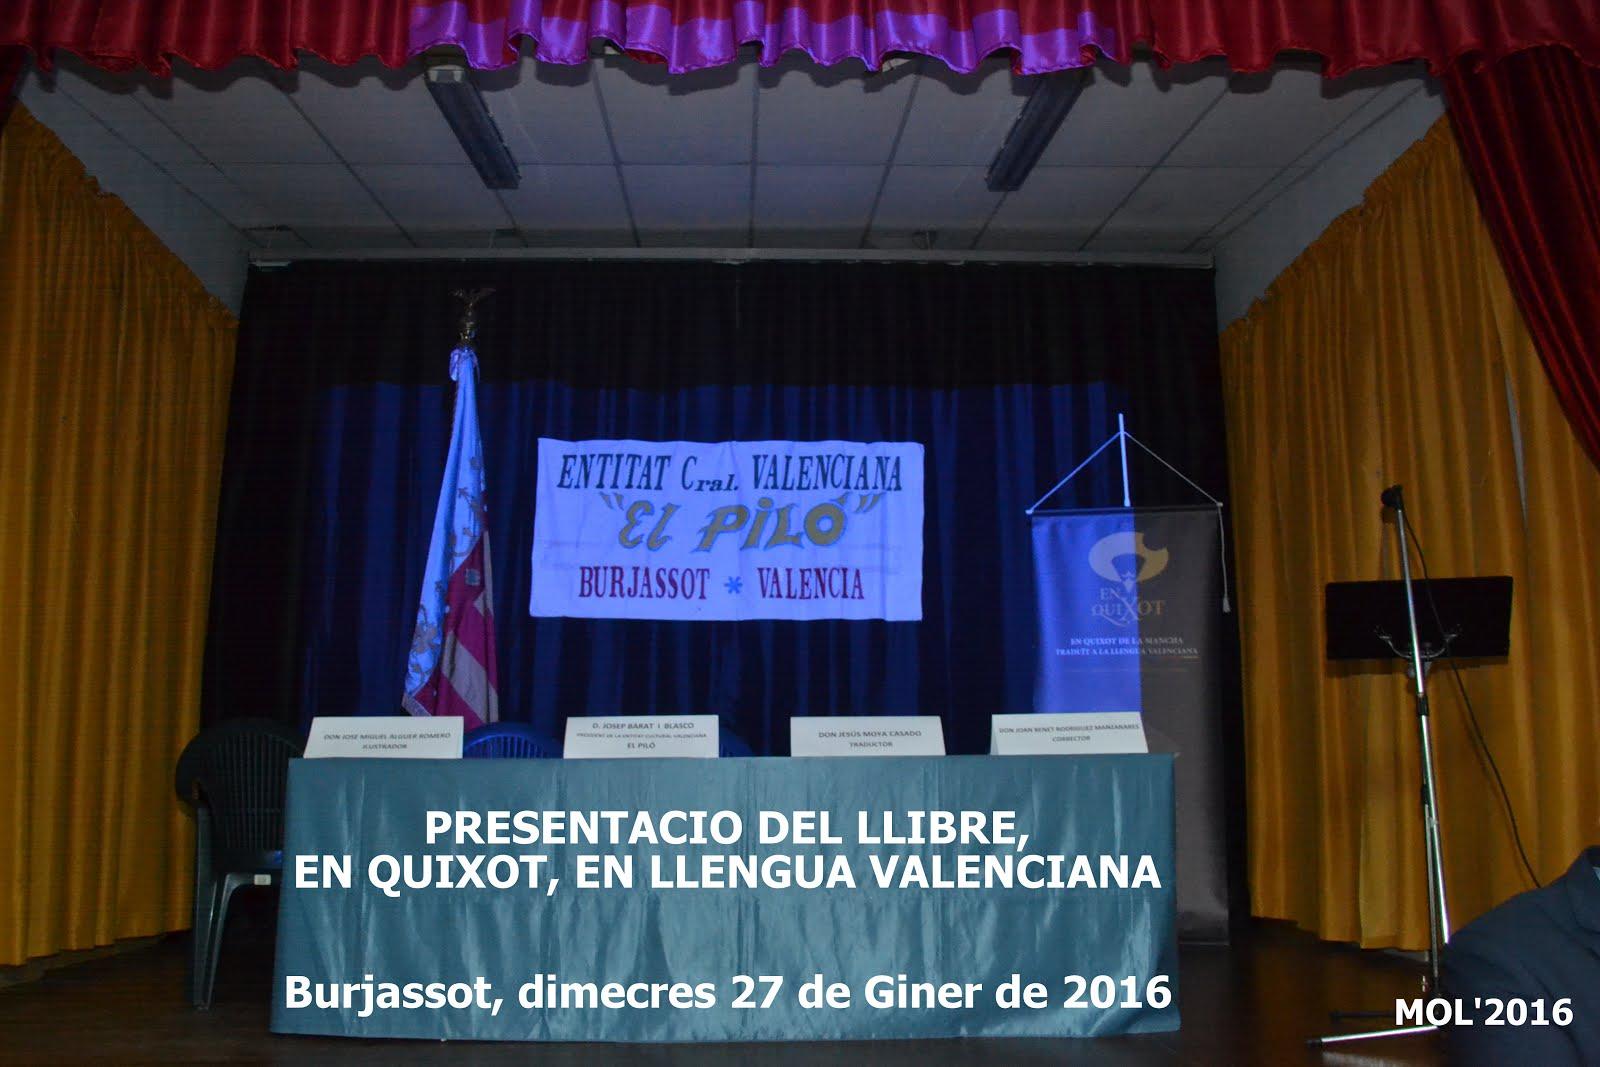 """27.01.16 PRESENTACIO DEL LLIBRE EN IDIOMA VALENCIÀ DE """"EN QUIXOT"""":DON QUIJOTE"""